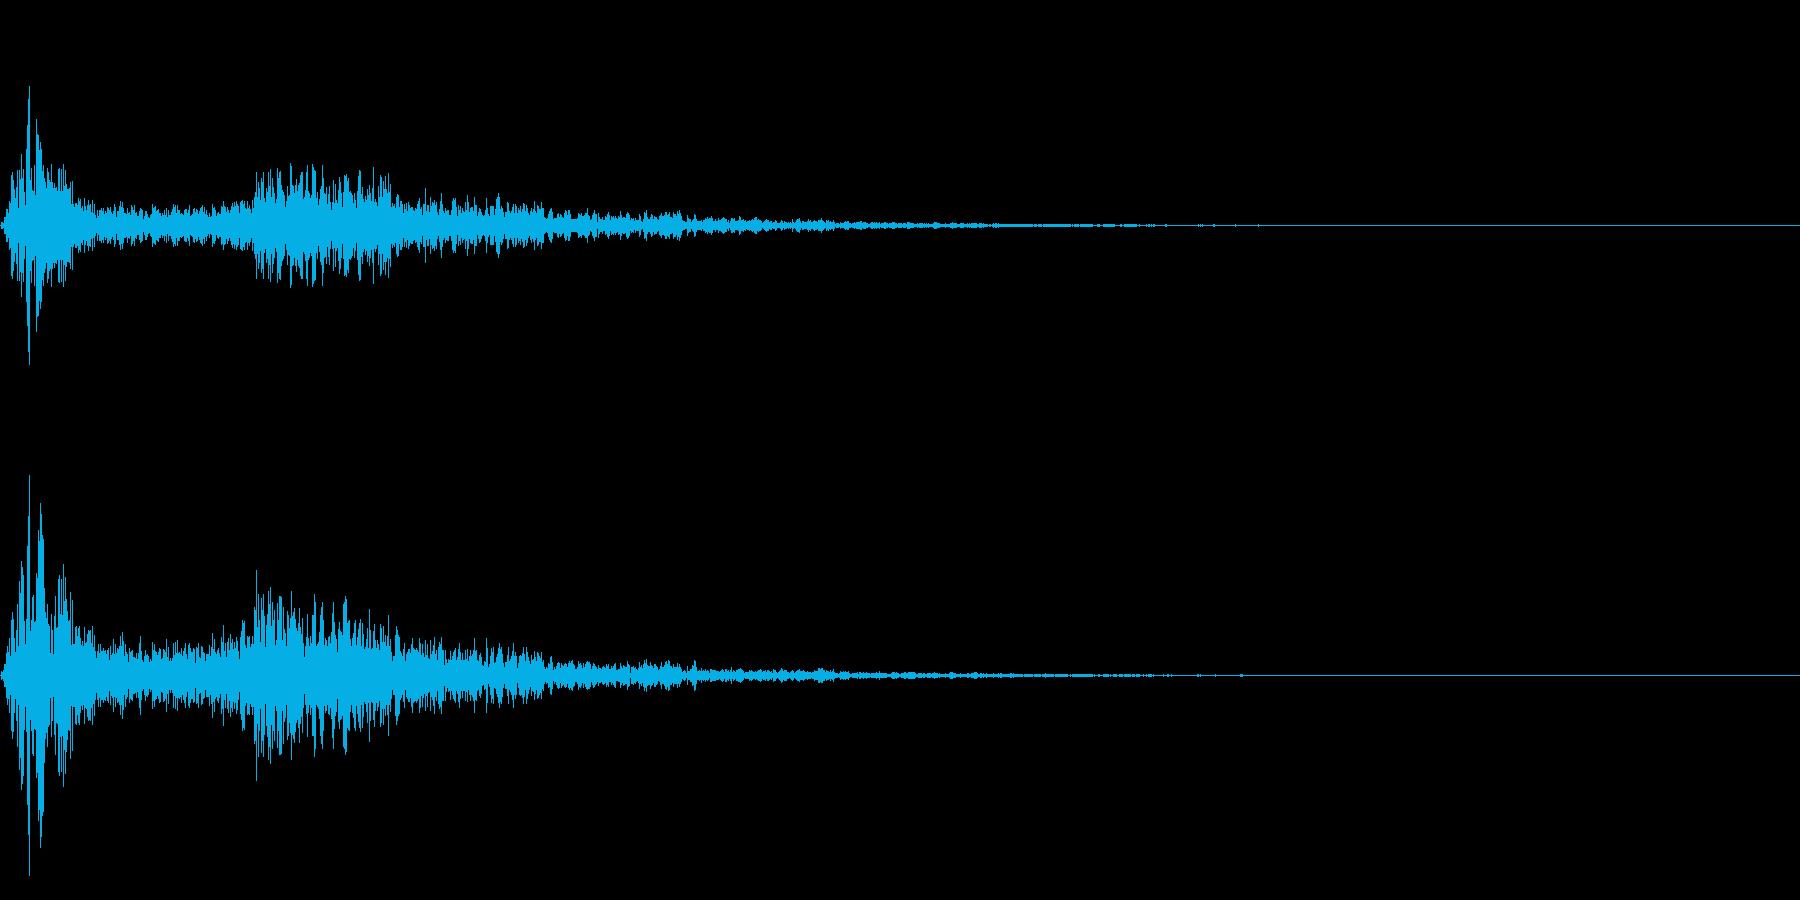 バシューン(何かが飛び出す音)の再生済みの波形